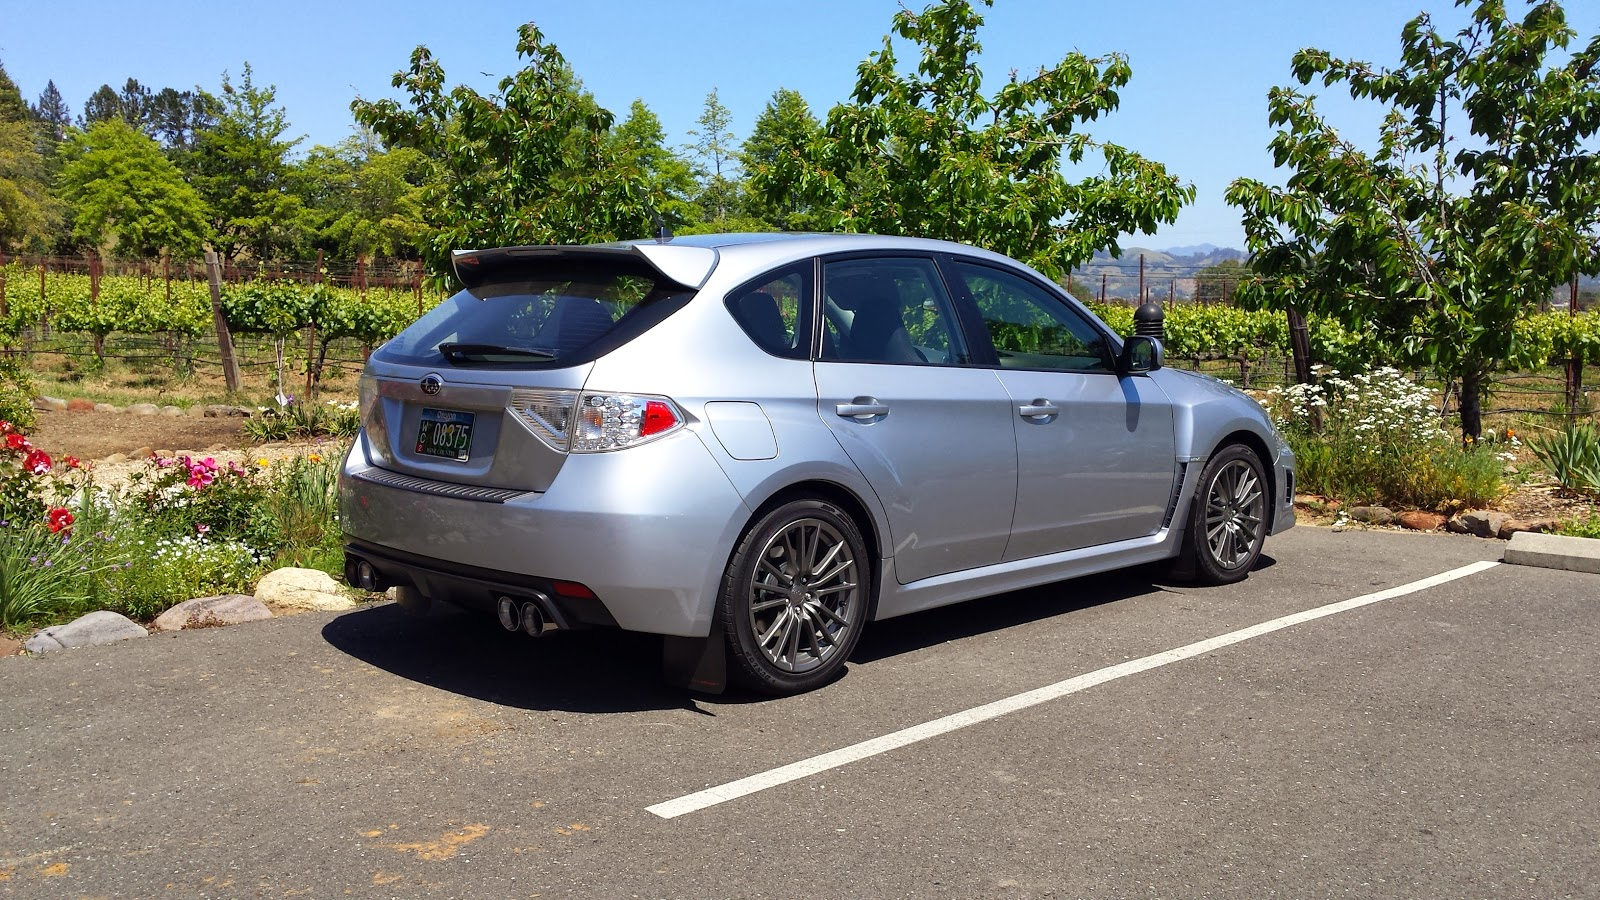 The Subcompact Culture 2013 Subaru Impreza WRX